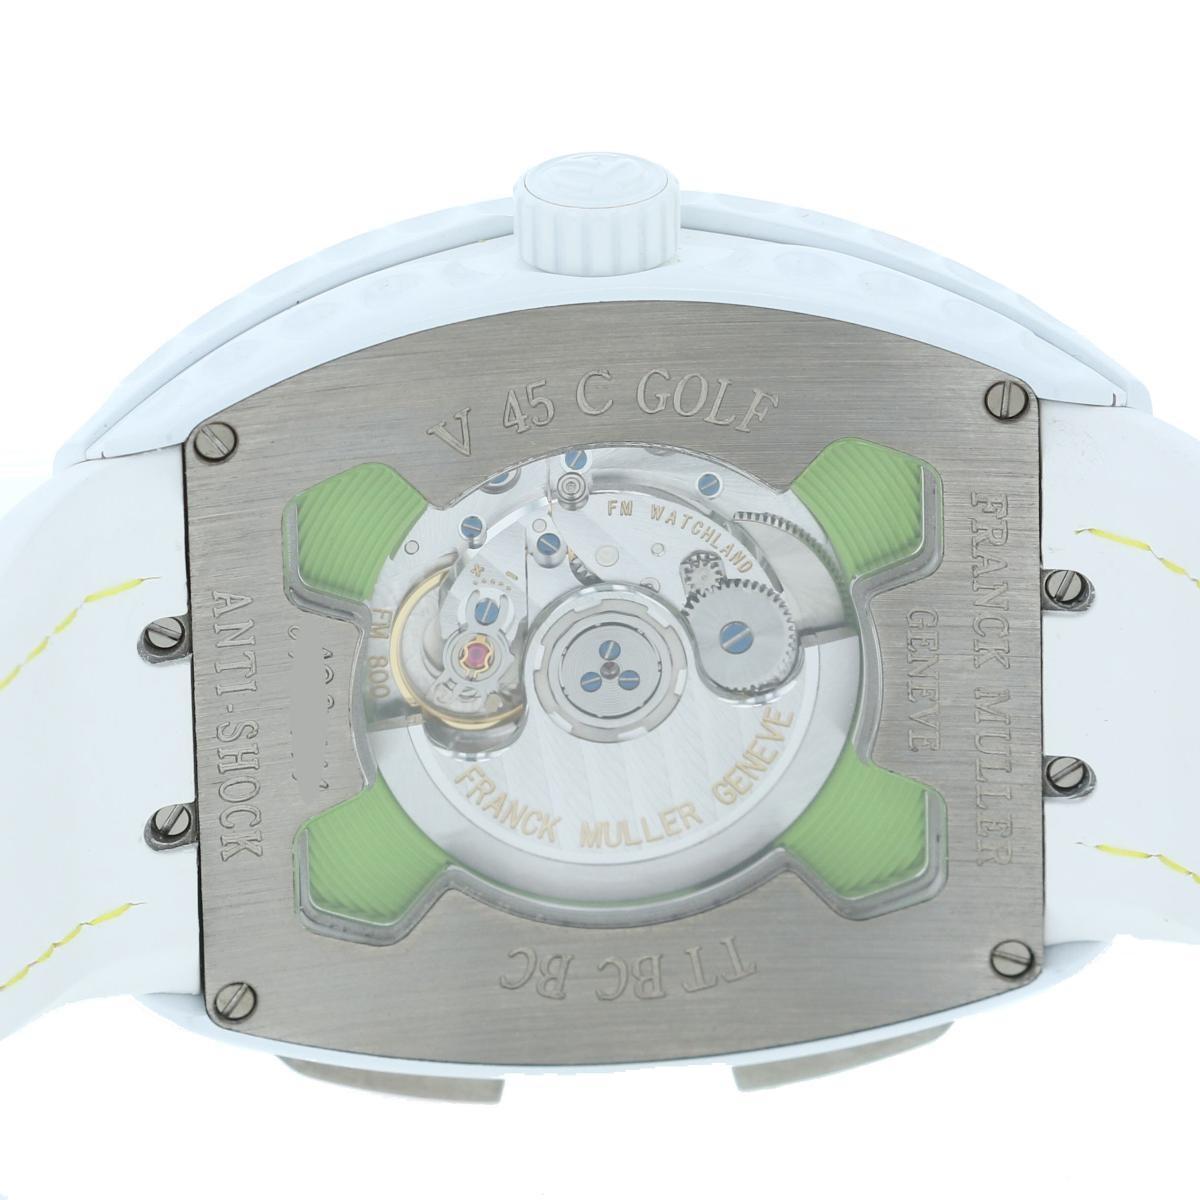 【最終値下げ品】【即日発送・水曜定休日・木曜発送】【美品】【オススメ】FRANCK MULLER (フランクミュラー) ヴァンガード バックスイング 時計 自動巻き/メンズ VANGUARD White/ホワイト V45C GOLF used:A